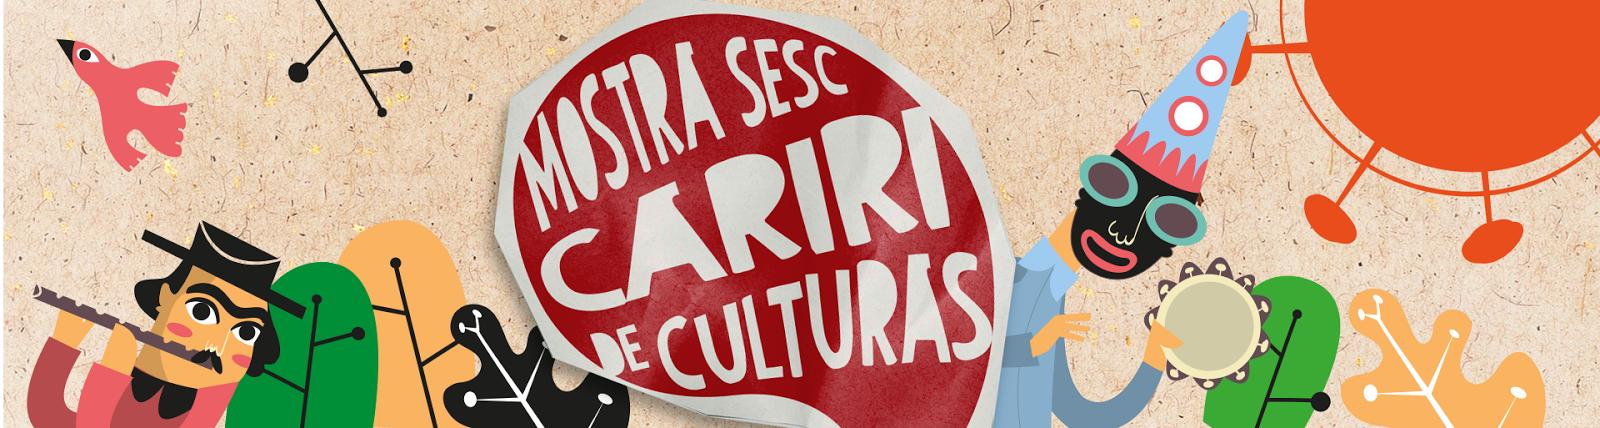 19º Amostra SESC CARIRI DE CULTURAS